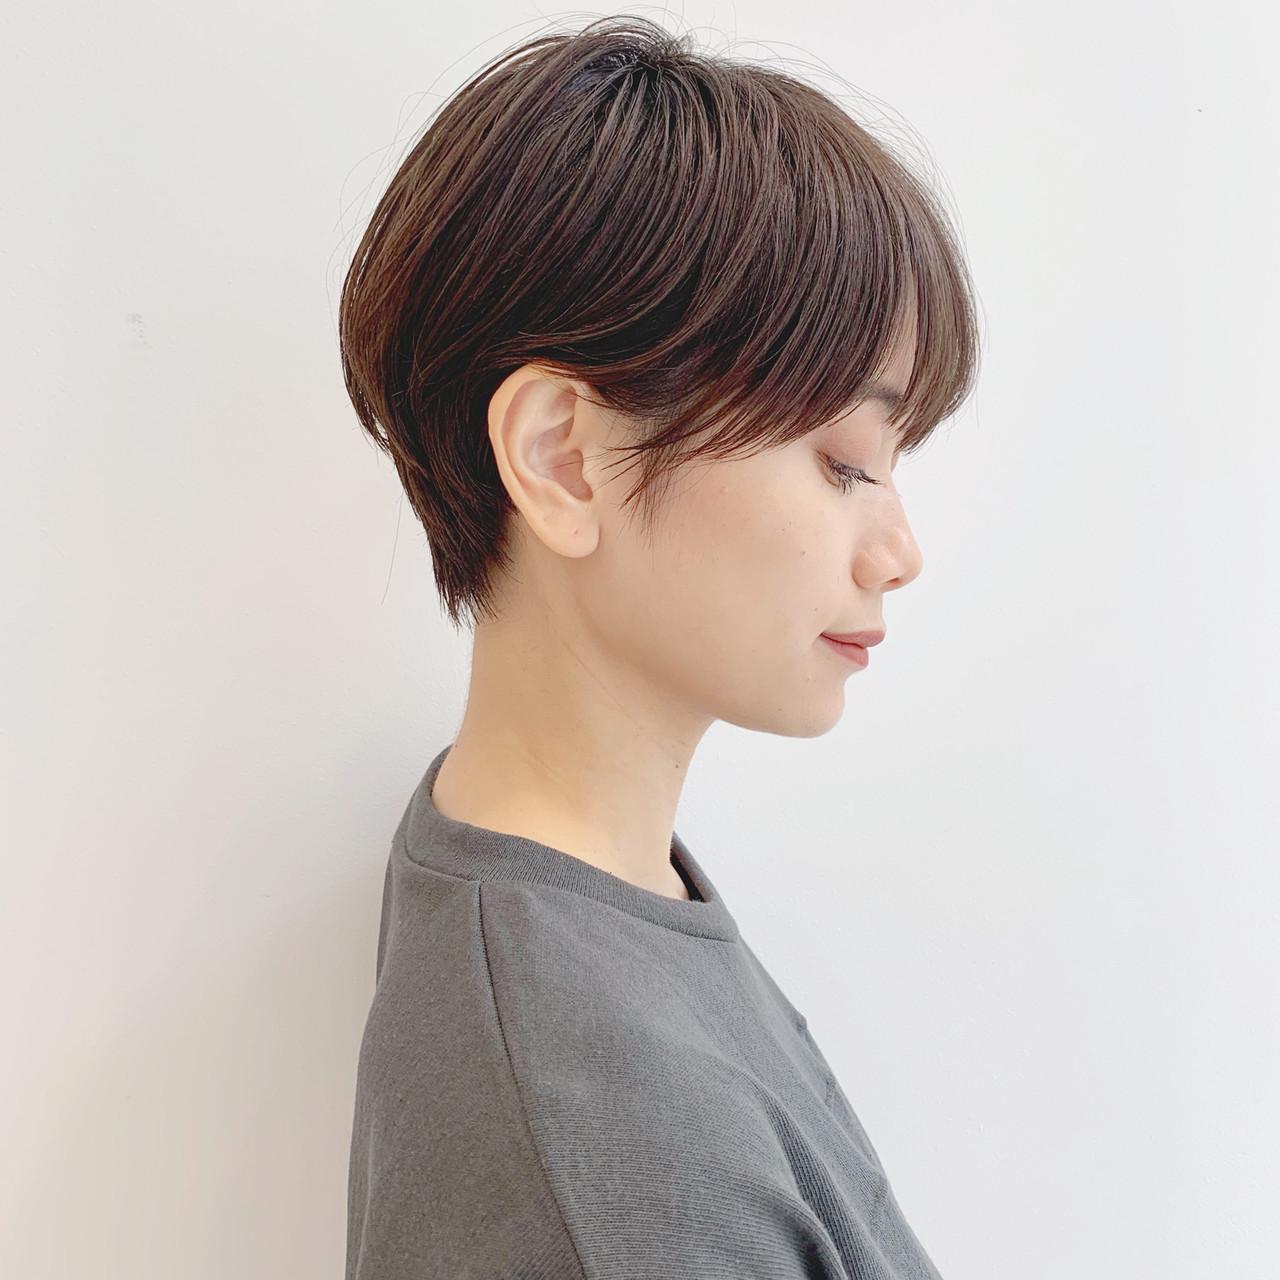 モード アウトドア ハンサムショート ショート ヘアスタイルや髪型の写真・画像